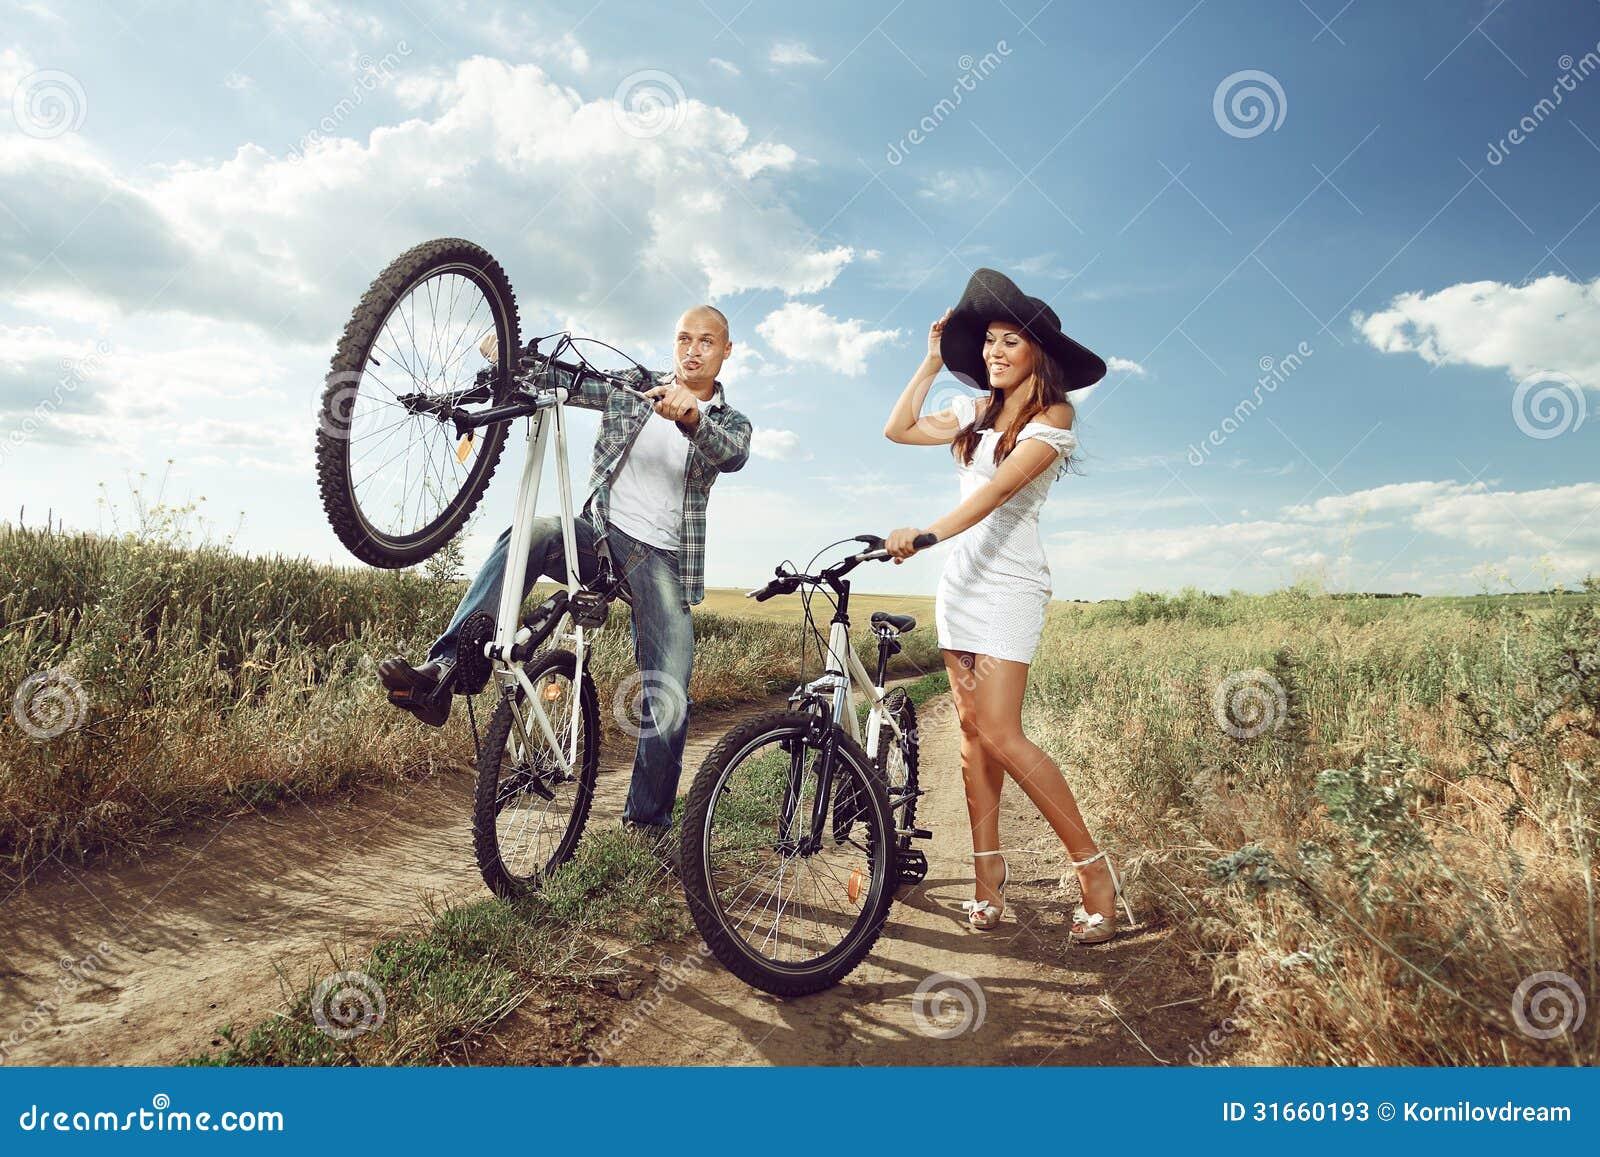 bike couple stock image image of adventure bicycle 31660193